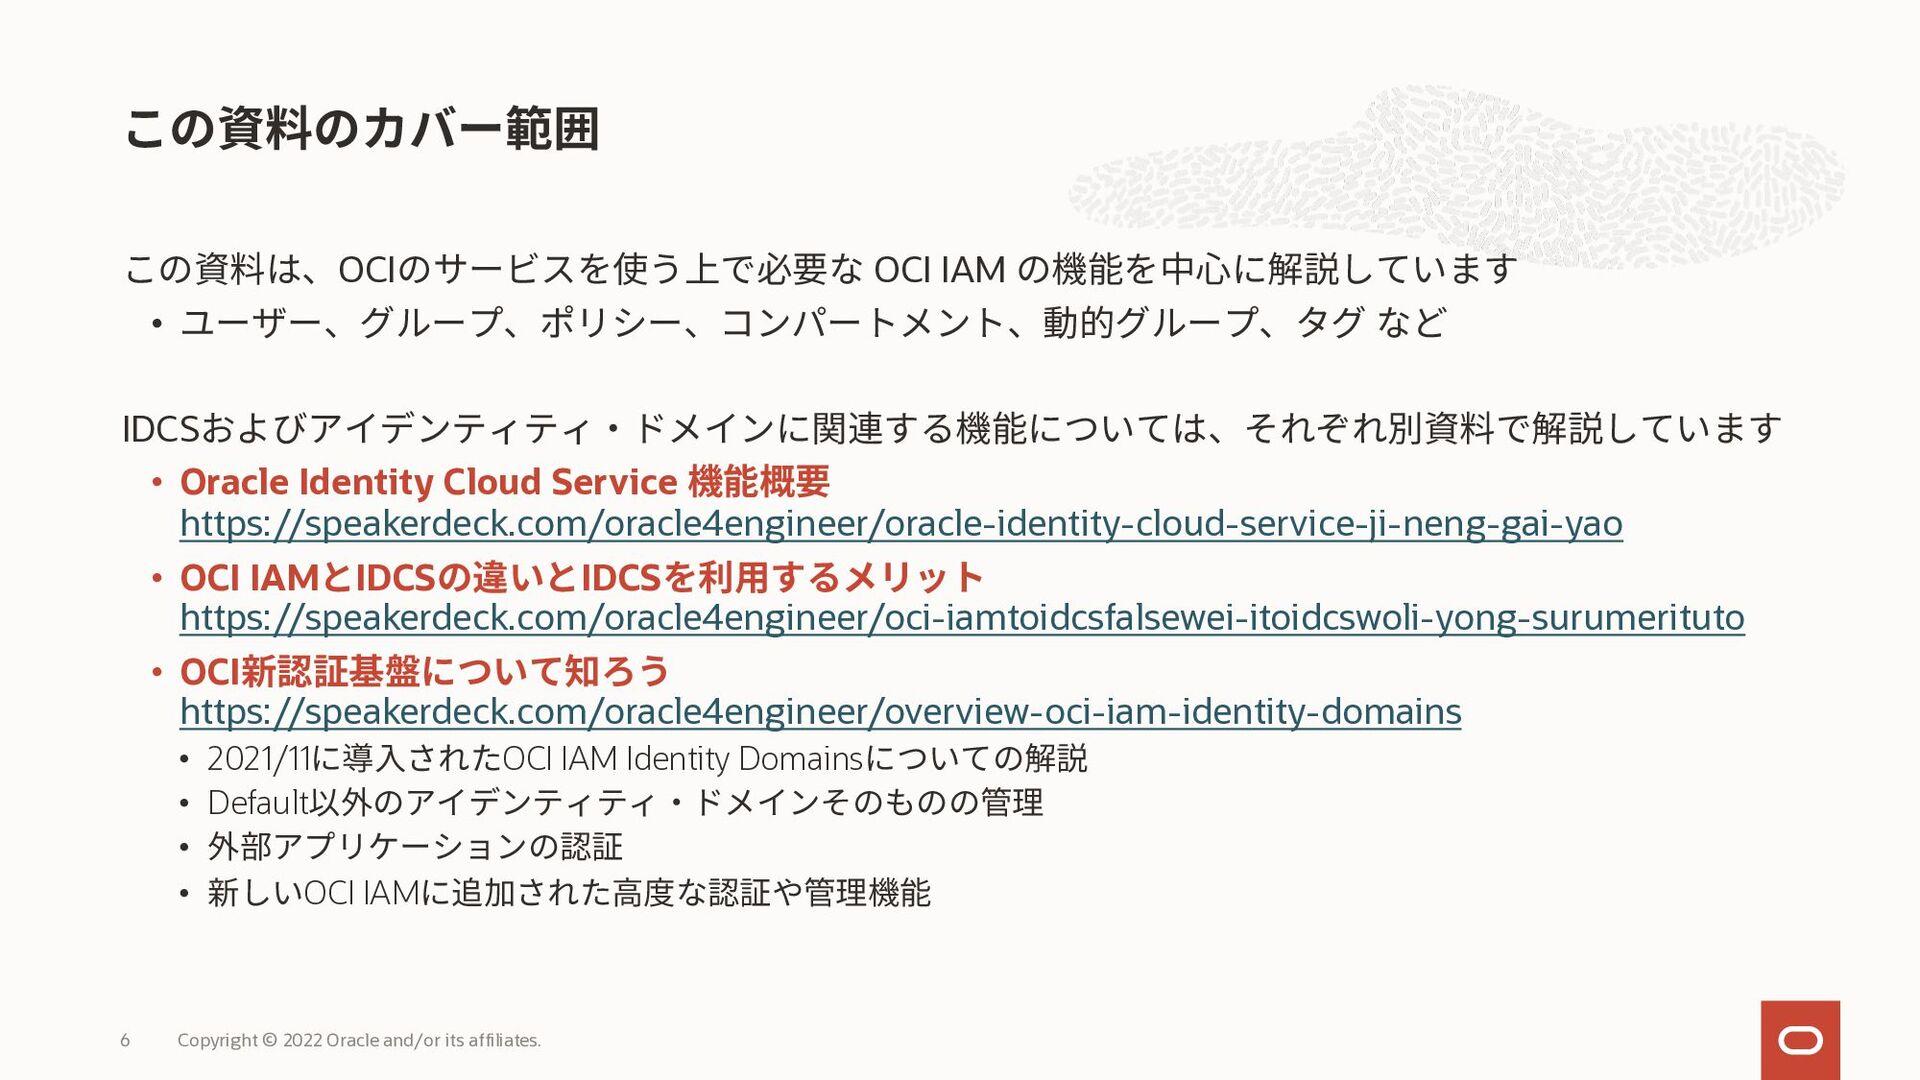 プリンシパル (Principals) アクセス対象の OCIリソース IAM ユーザー イン...